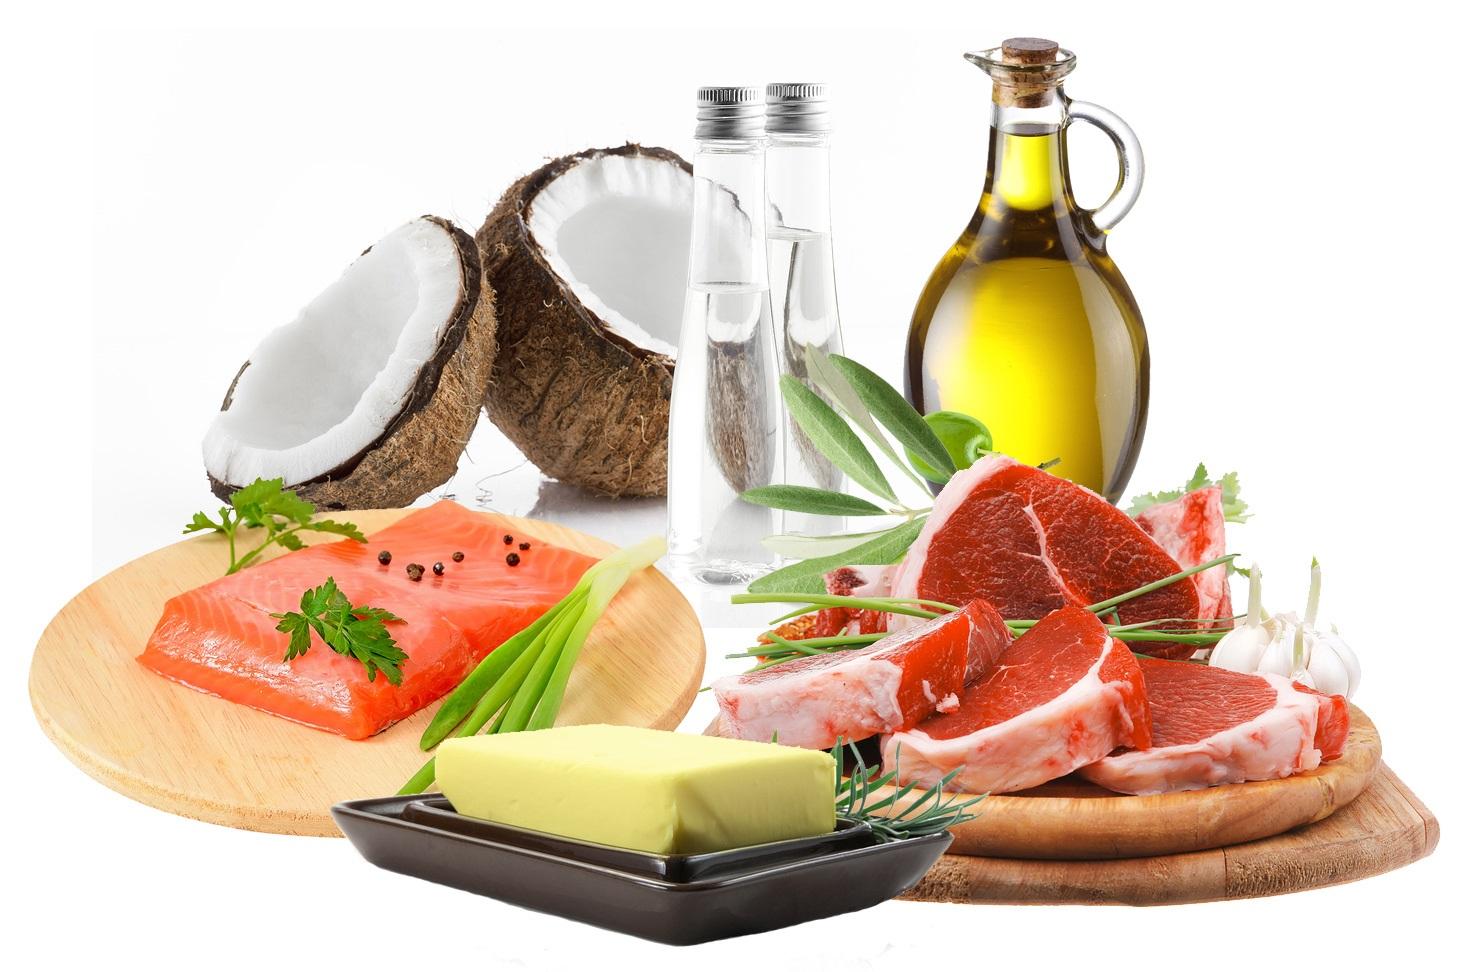 acido urico alto dieta cetogenica